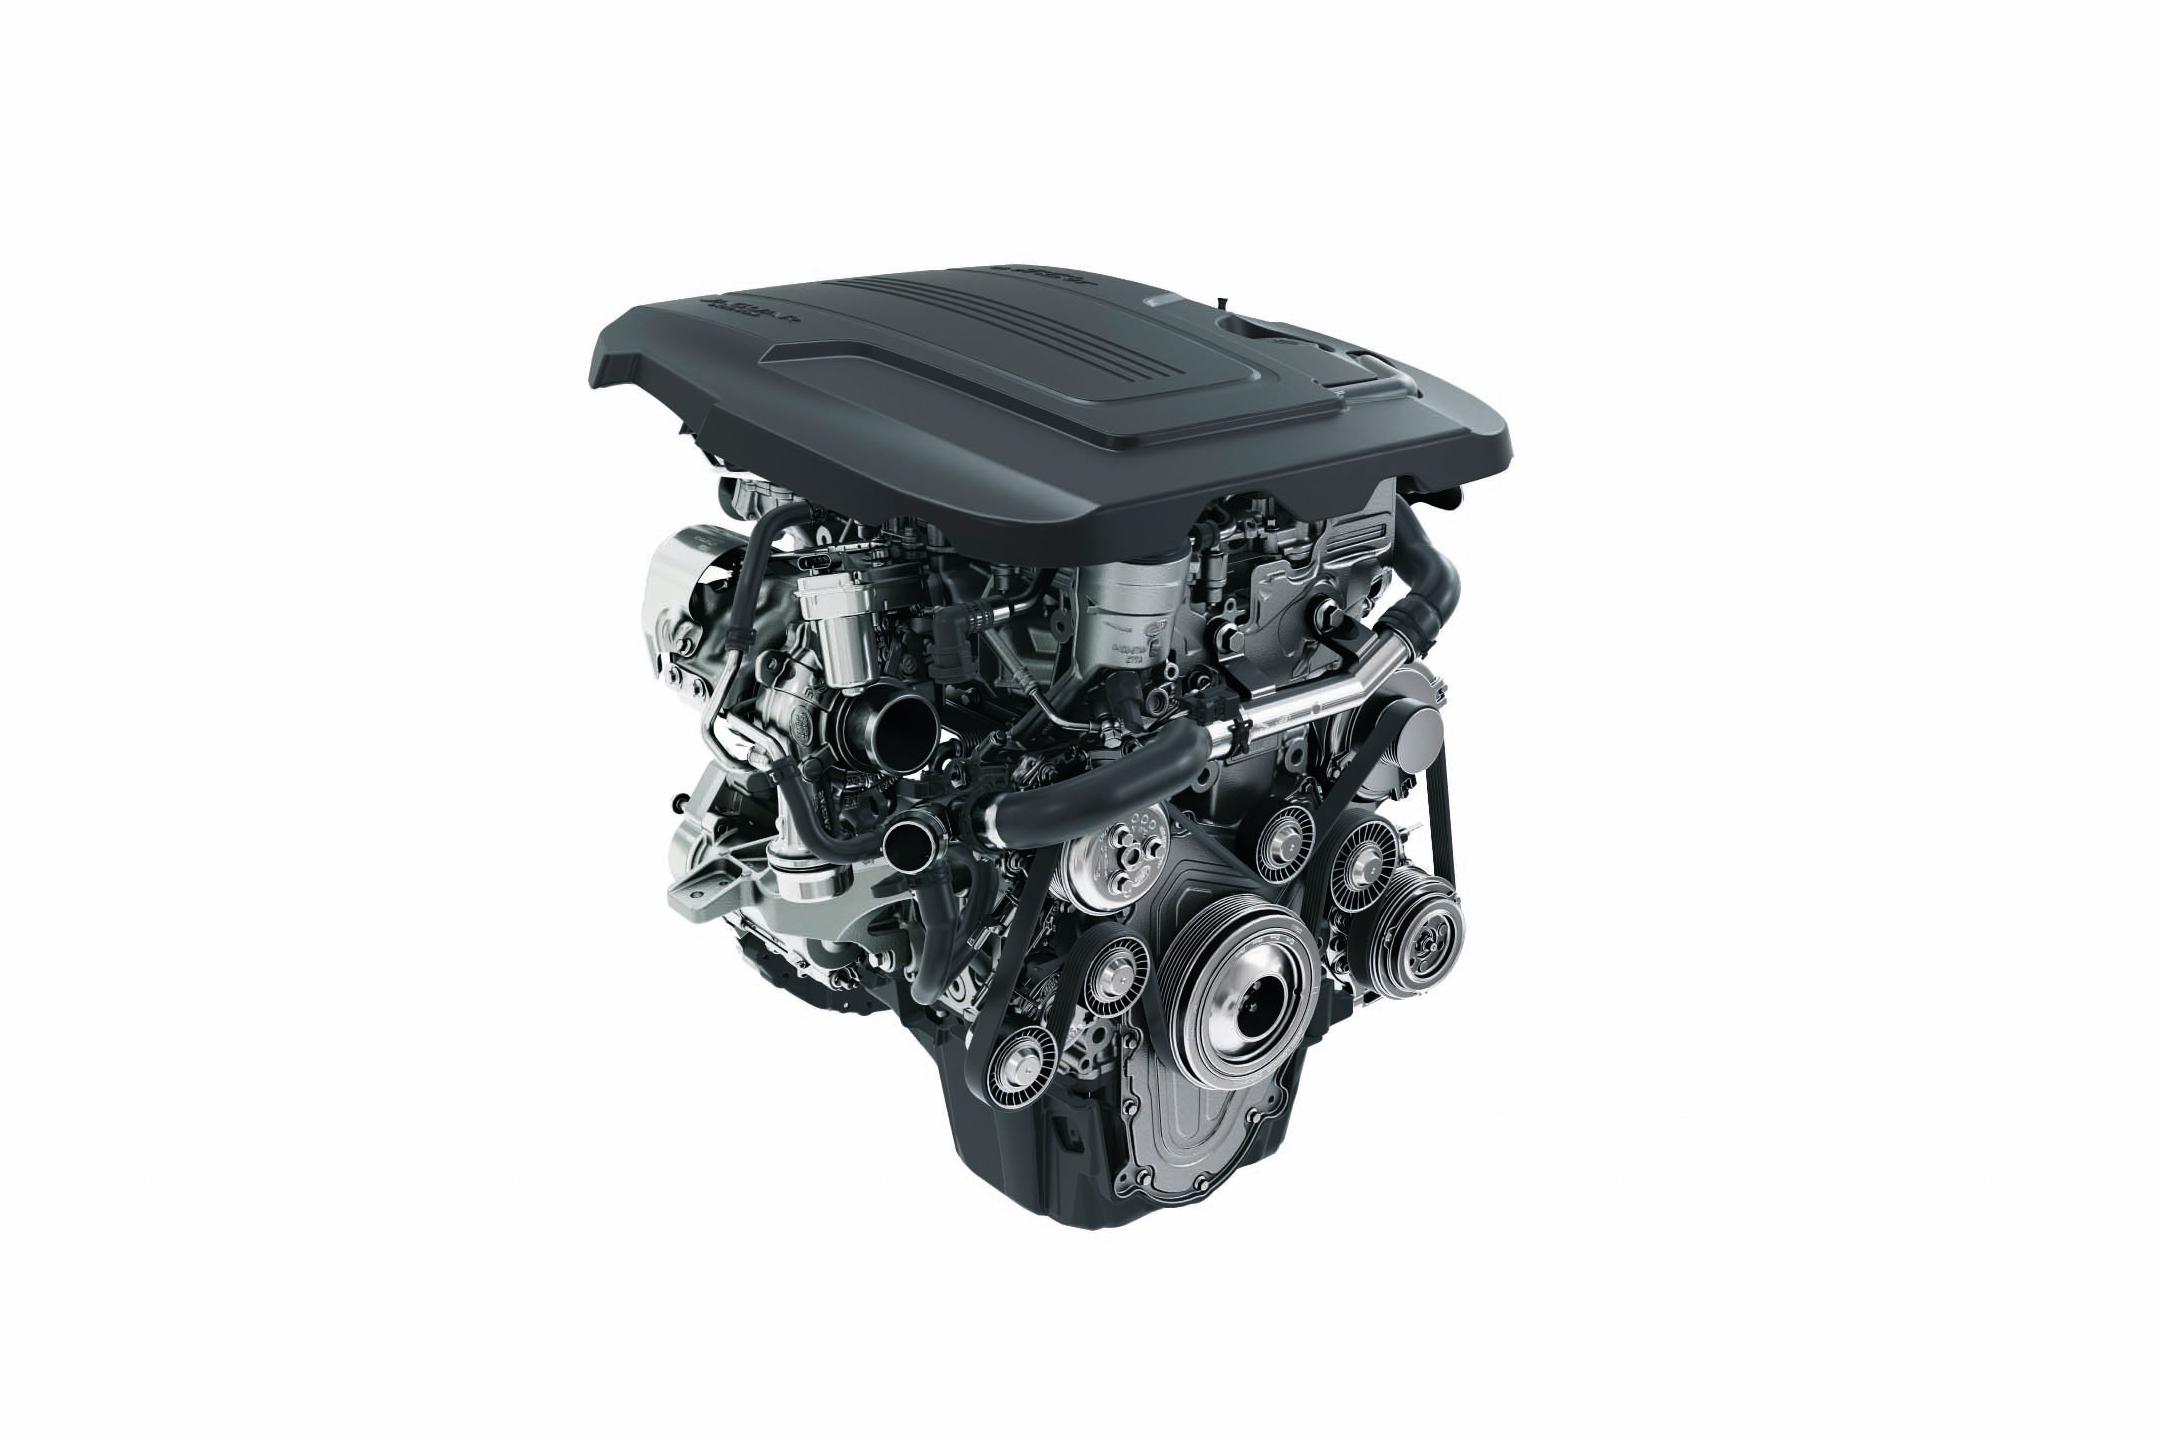 Jaguar E-PACE - 2017 - engine / moteur - Ingenium Petrol